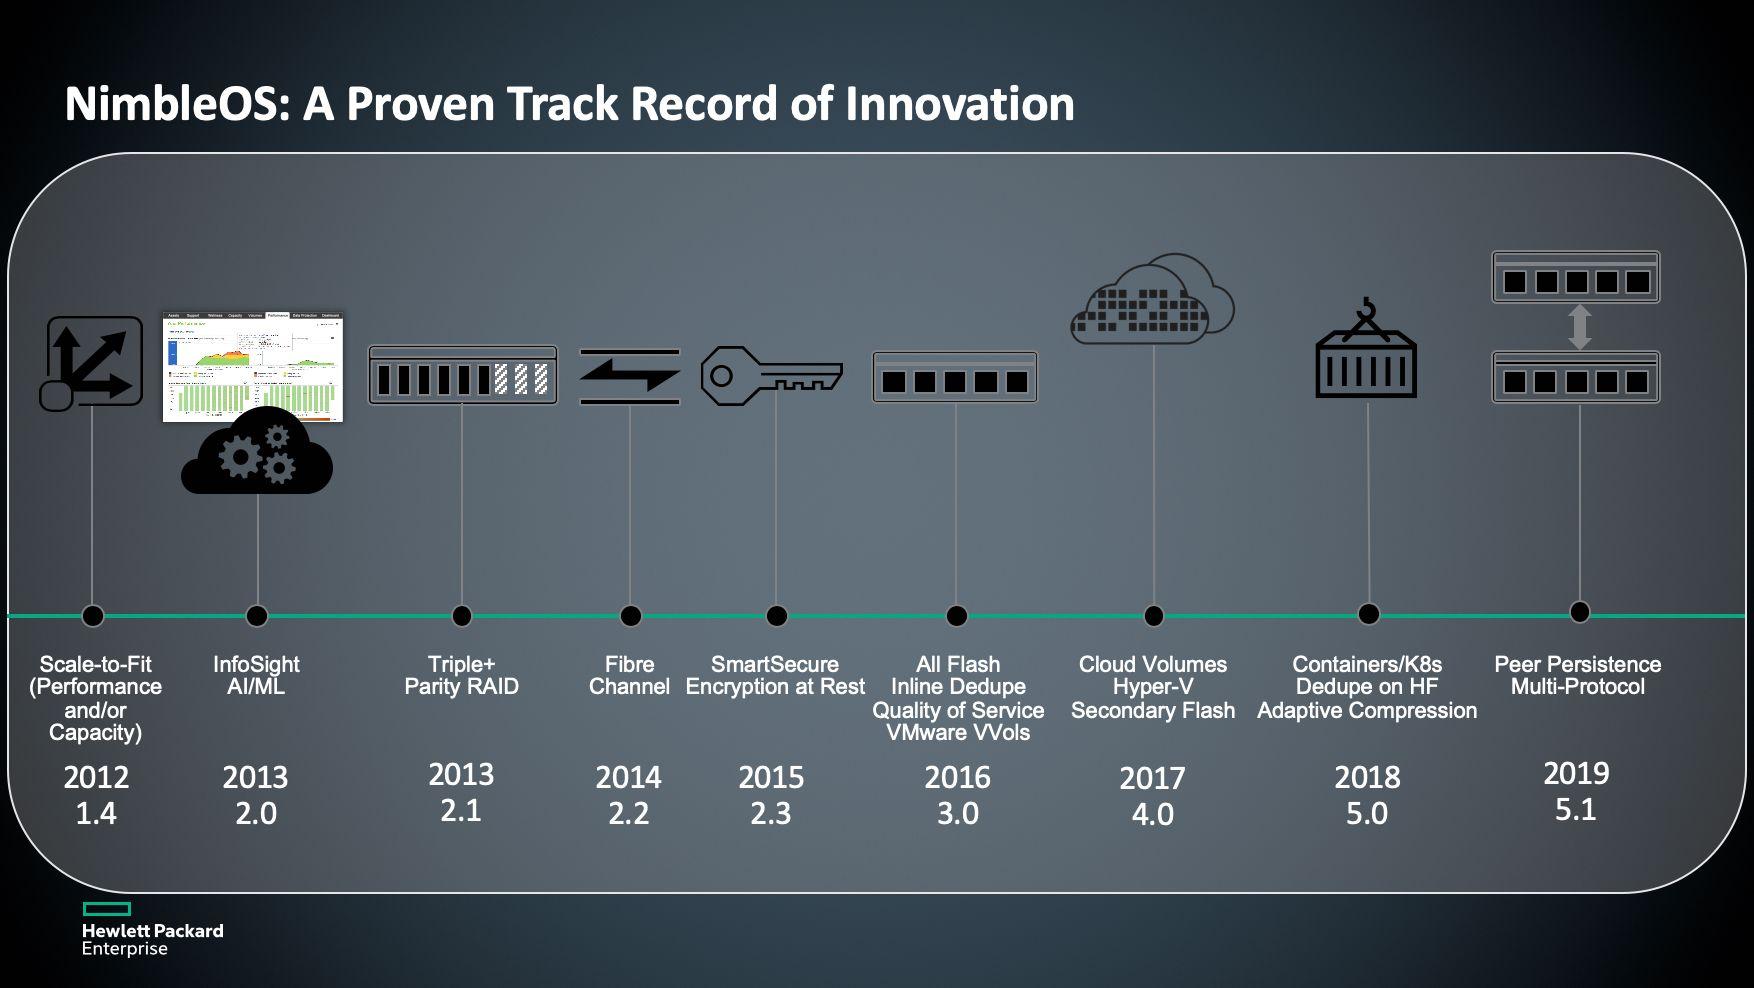 A brief history of NimbleOS innovations